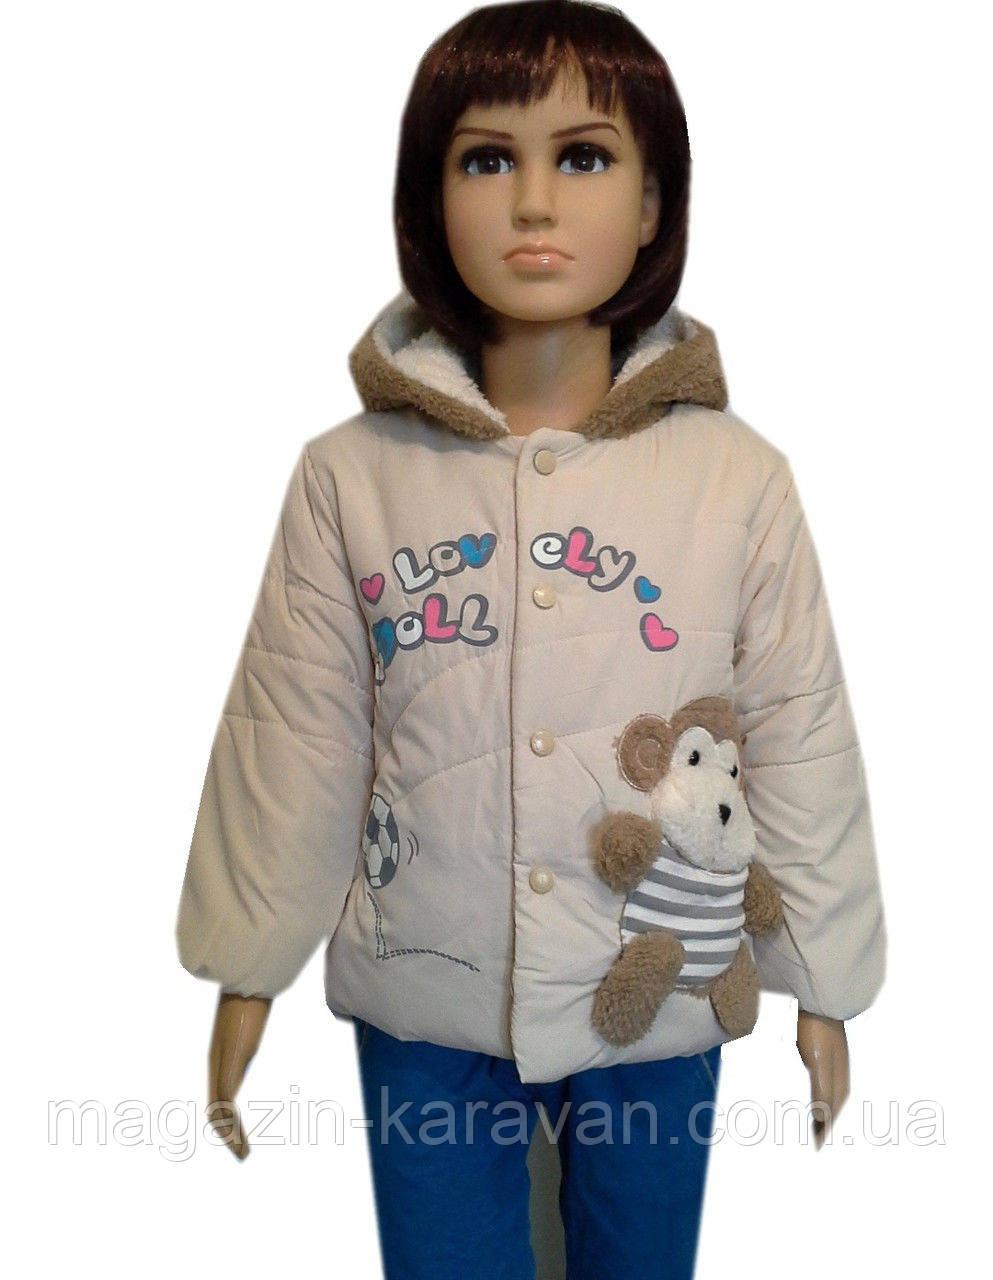 Демисезонная удобная курточка детская